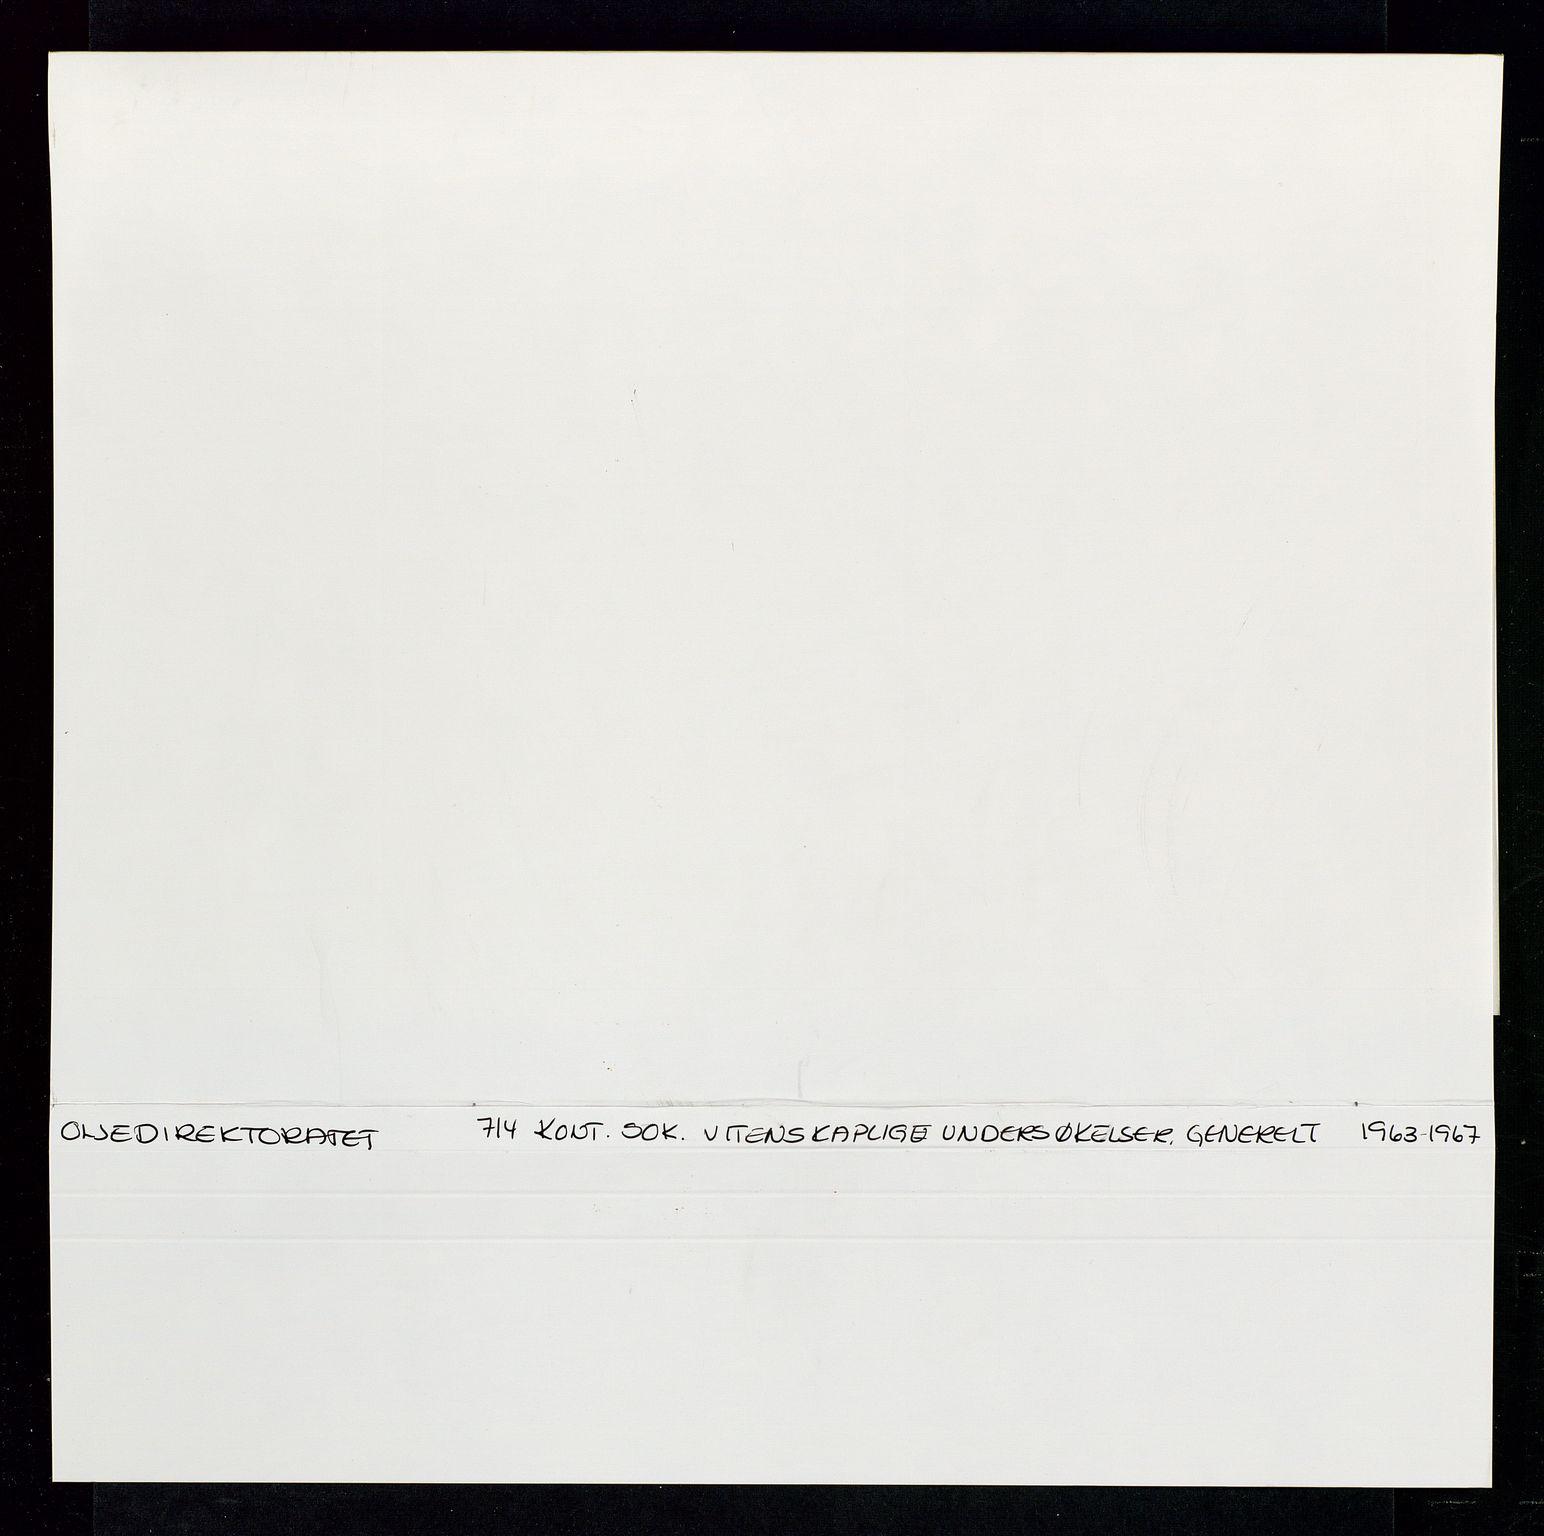 SAST, Industridepartementet, Oljekontoret, Da/L0006:  Arkivnøkkel 714 Vitenskapelige undersøkelser, 1963-1973, s. 634